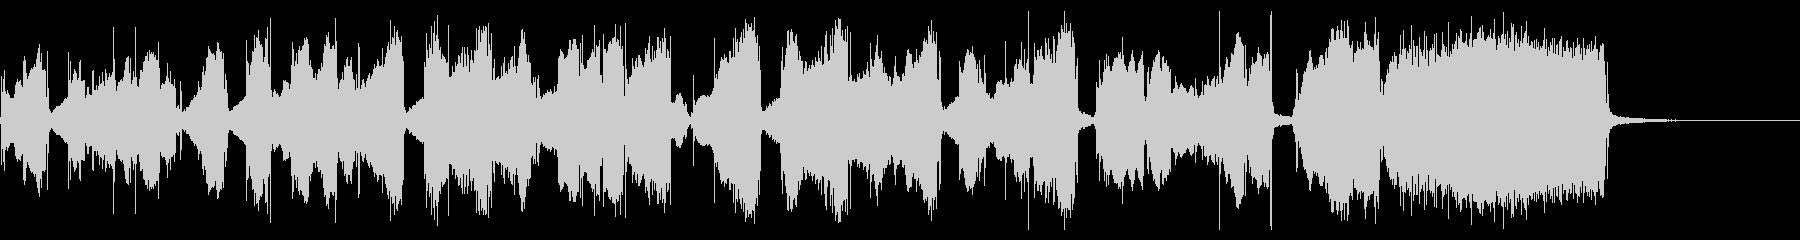 昭和初期の白黒映像をイメージした歌謡曲の未再生の波形